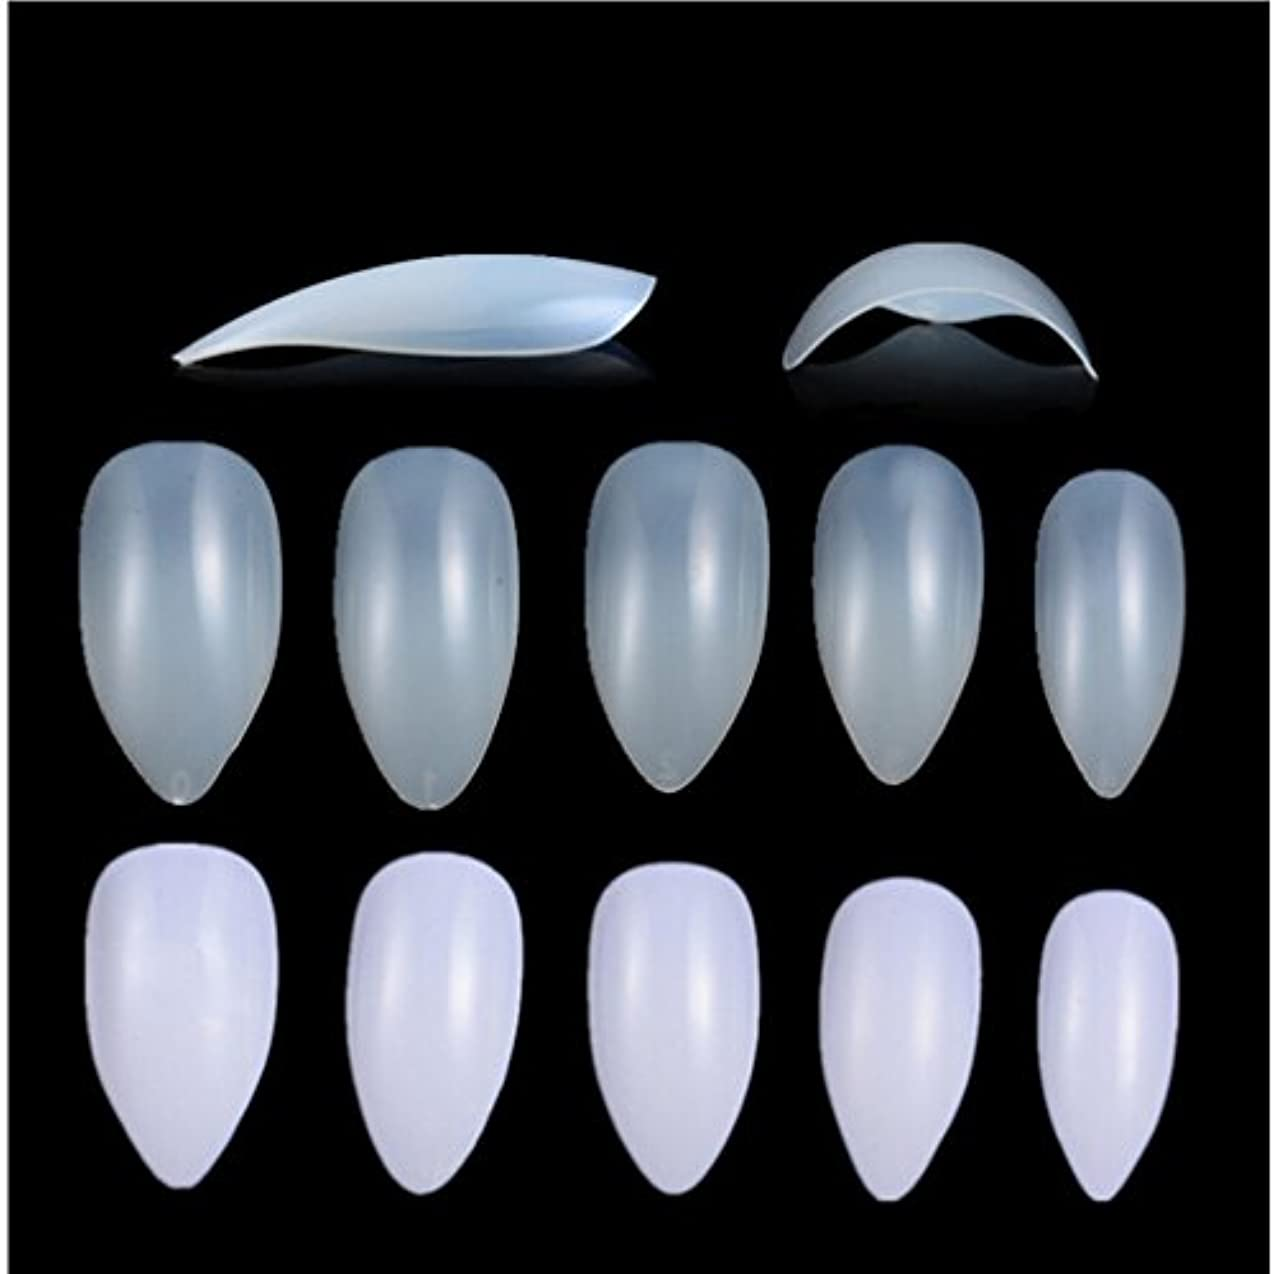 レザー空気報復Honel つけ爪 無地 ショート ネイルチップ クリア ネイルチップ 短い 600枚入れ 10サイズ 爪にピッタリ 付け爪 練習用 透明 シャープ ポイント (ハロウィン コスプレも対応できます)